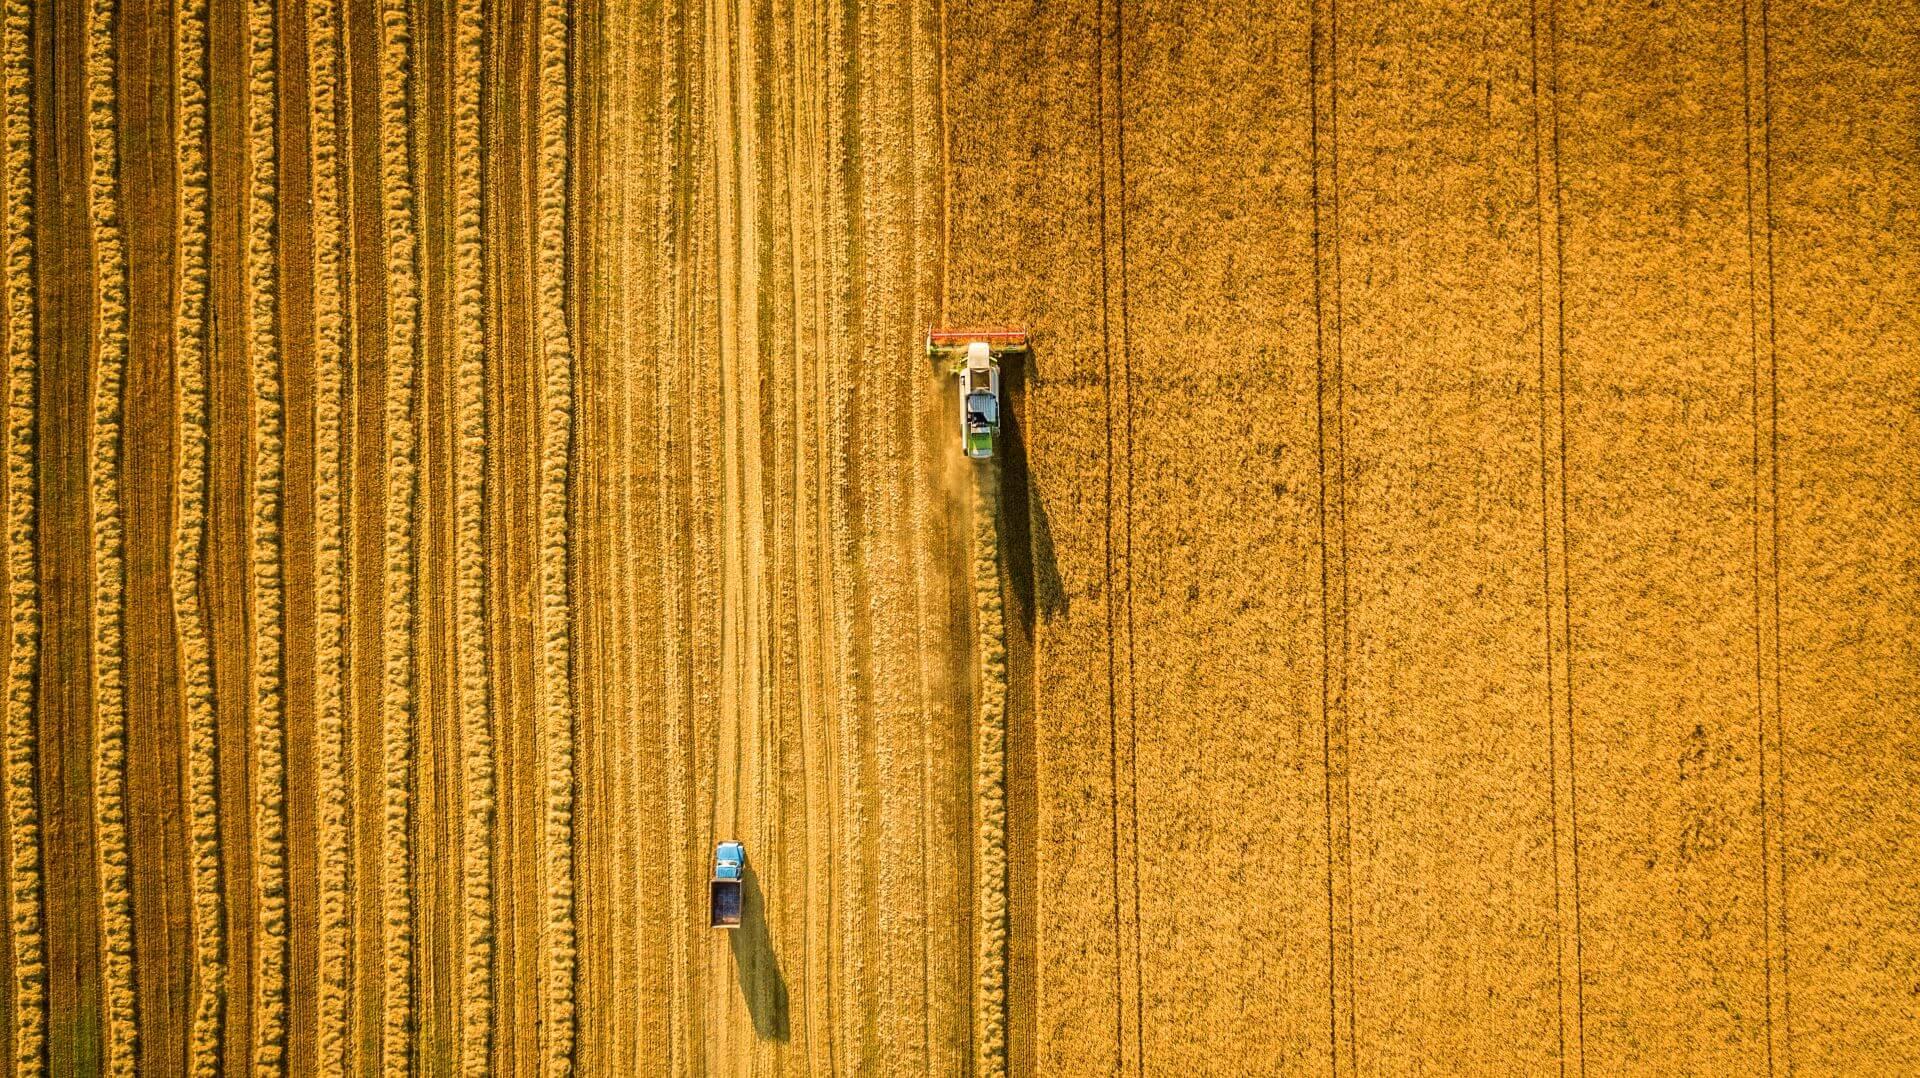 Lavori agricoli conto terzi